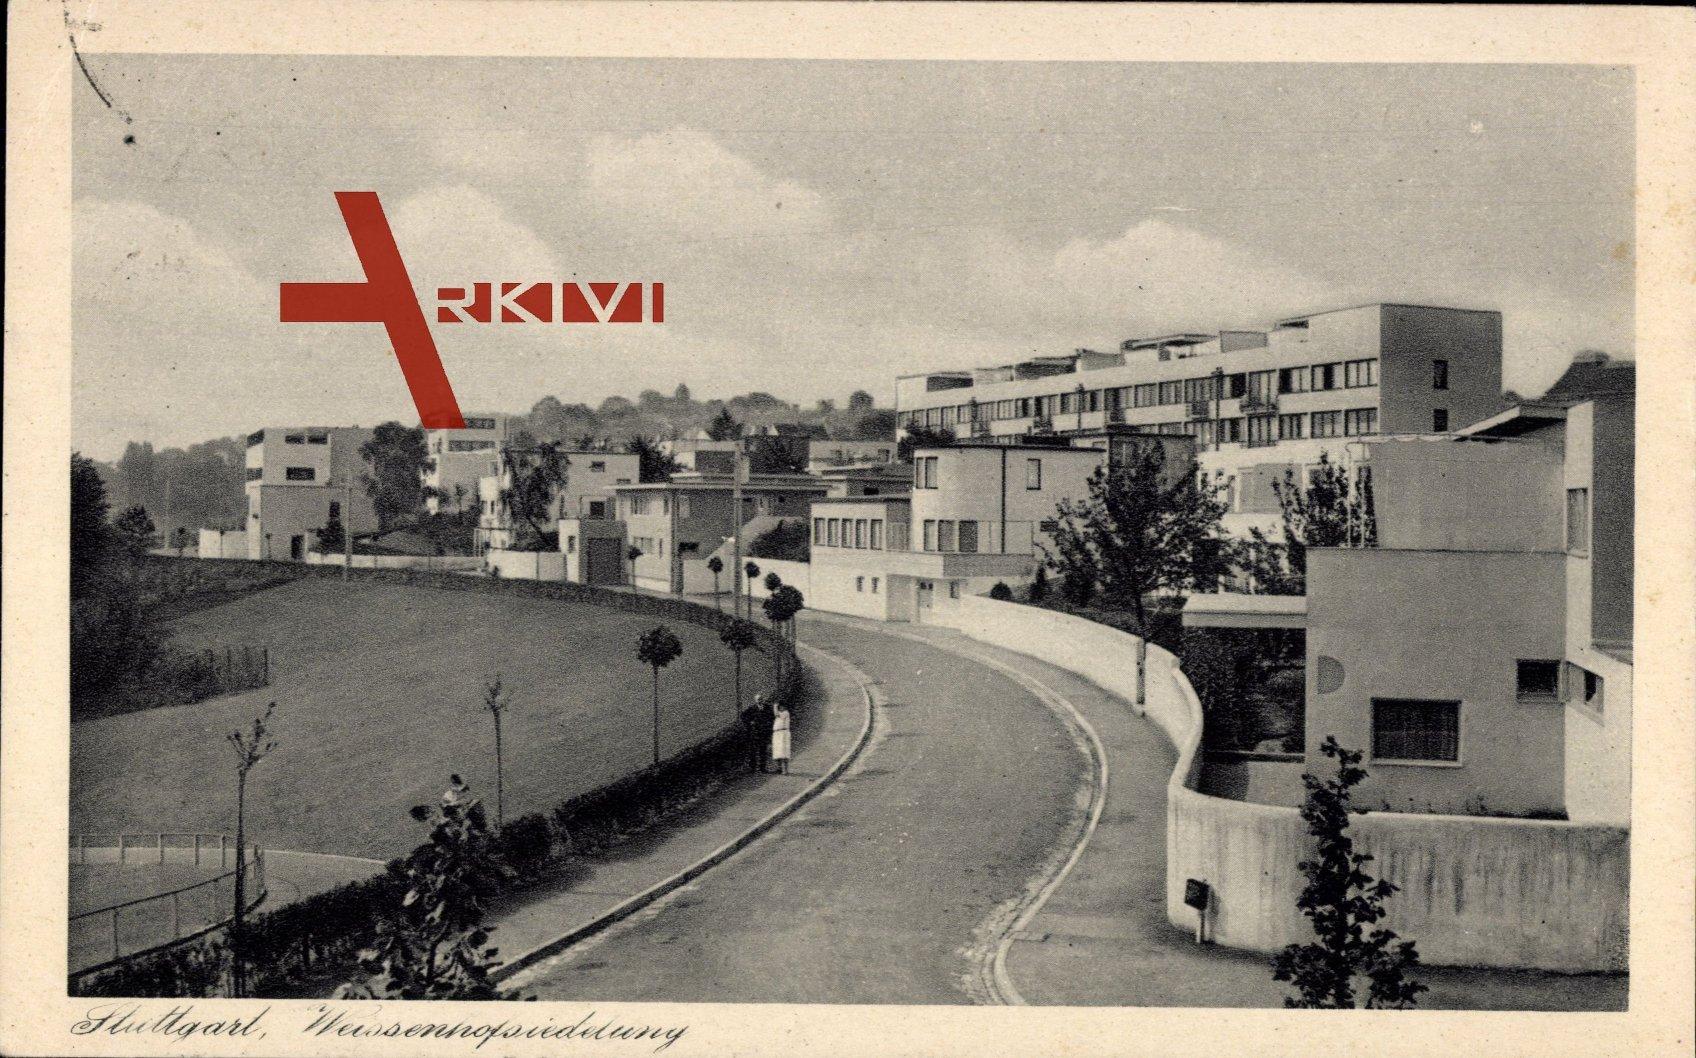 Stuttgart, Straßenpartie in der Weissenhofsiedlung, Bauhaus